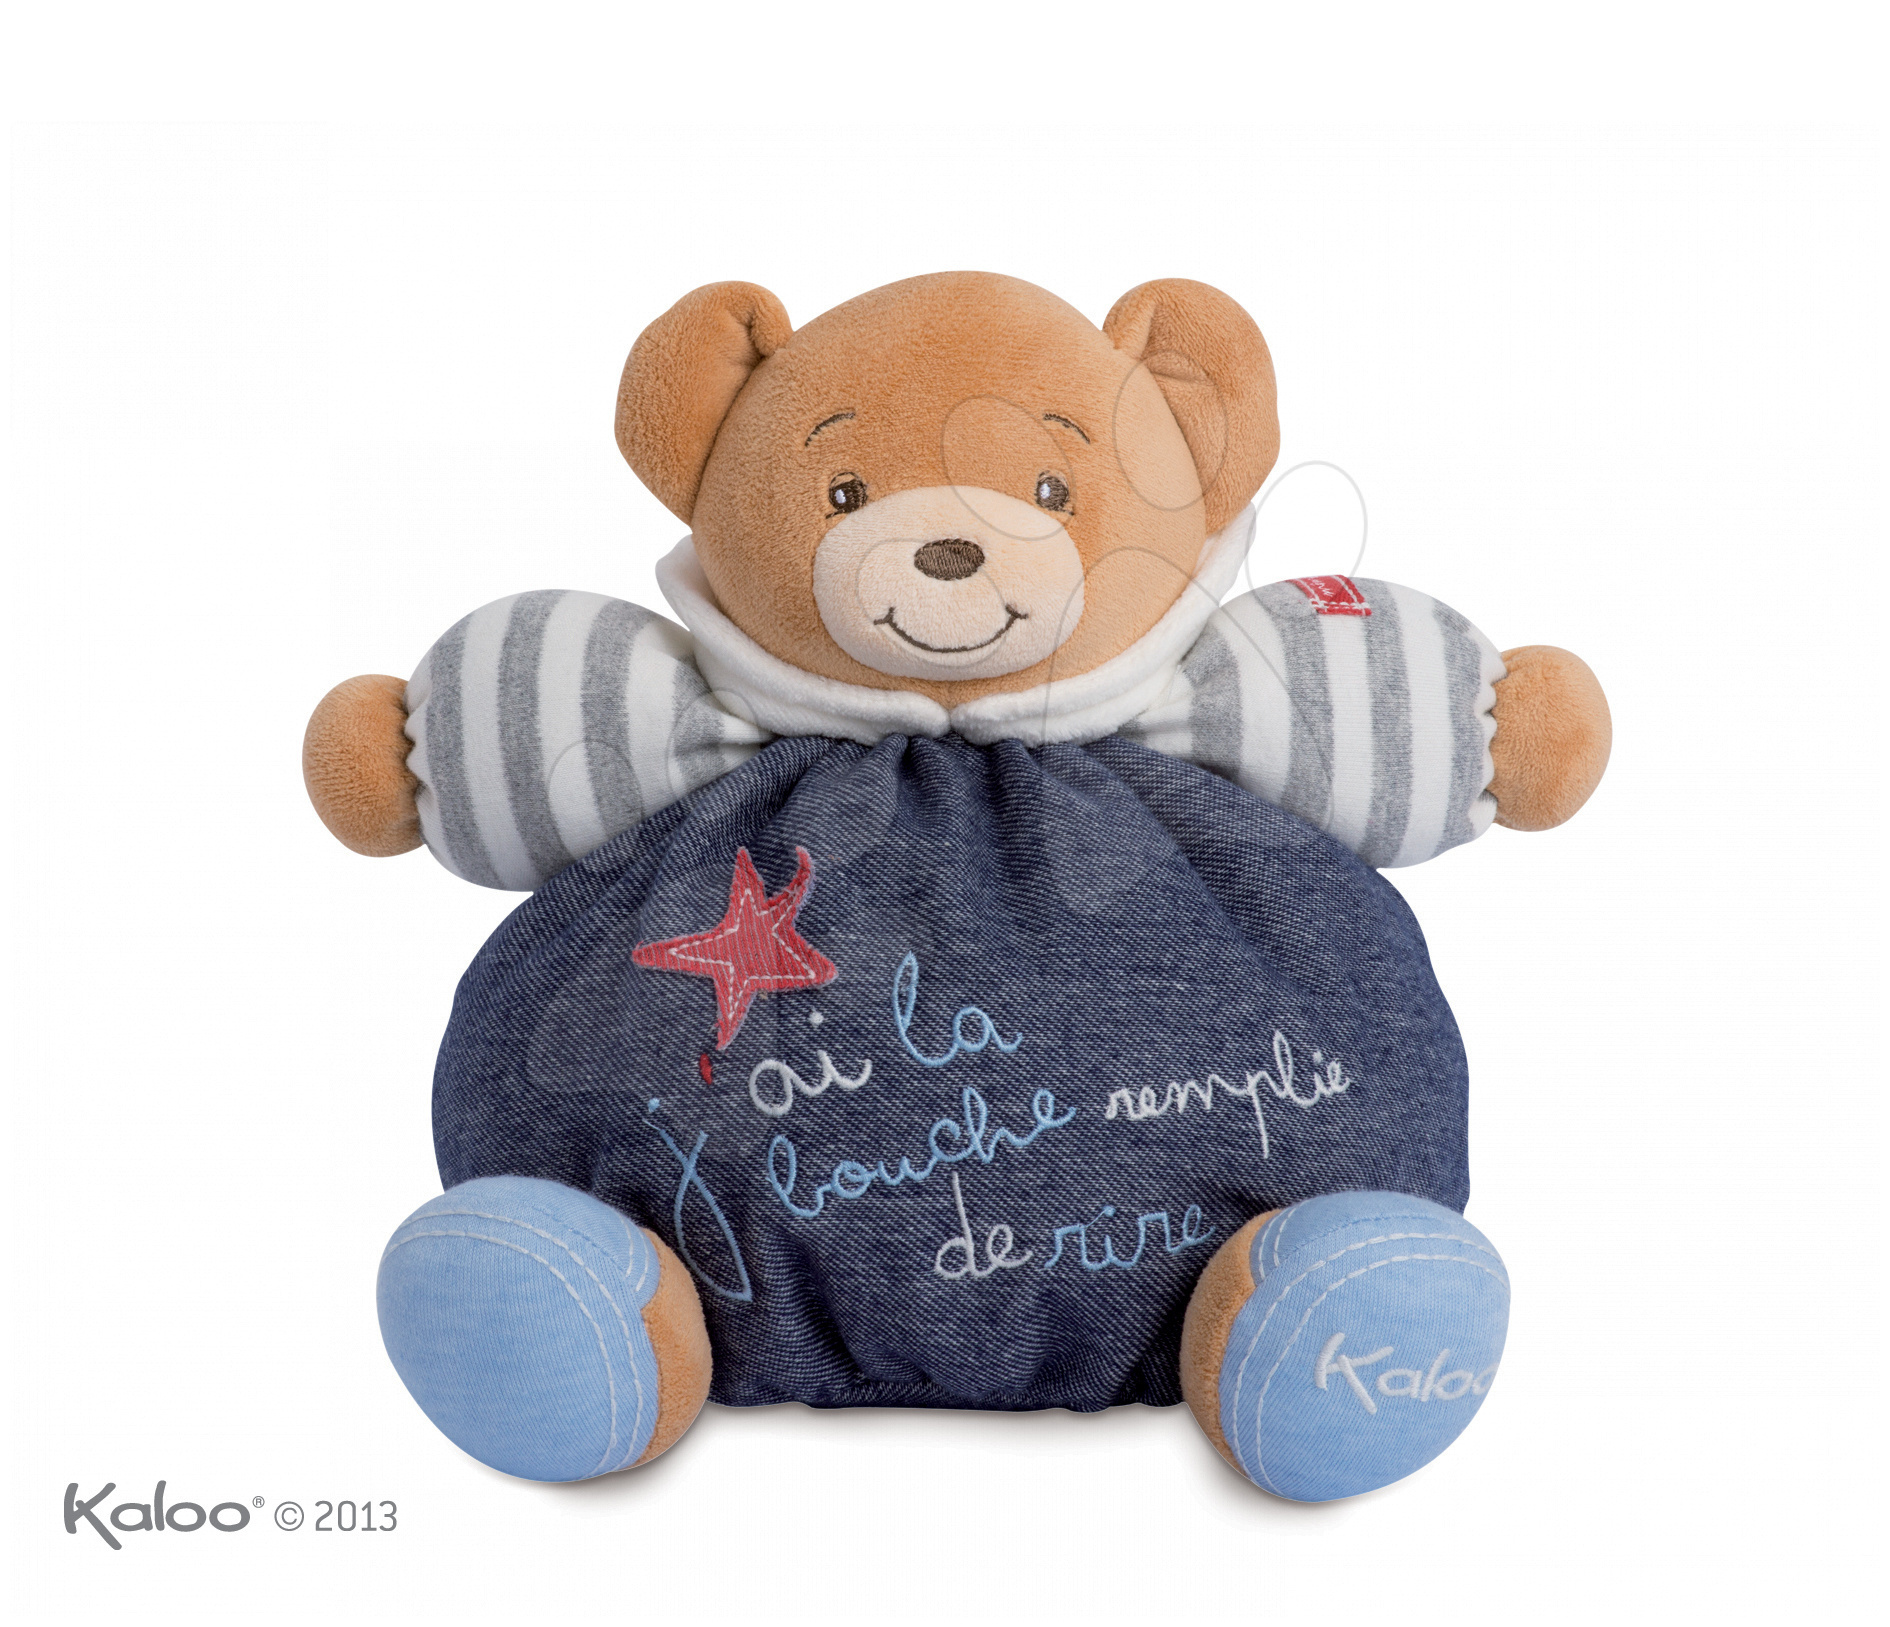 Plyšový medvídek Blue Denim-Happy Chubby Bear Kaloo 25 cm v dárkovém balení pro nejmenší modrý